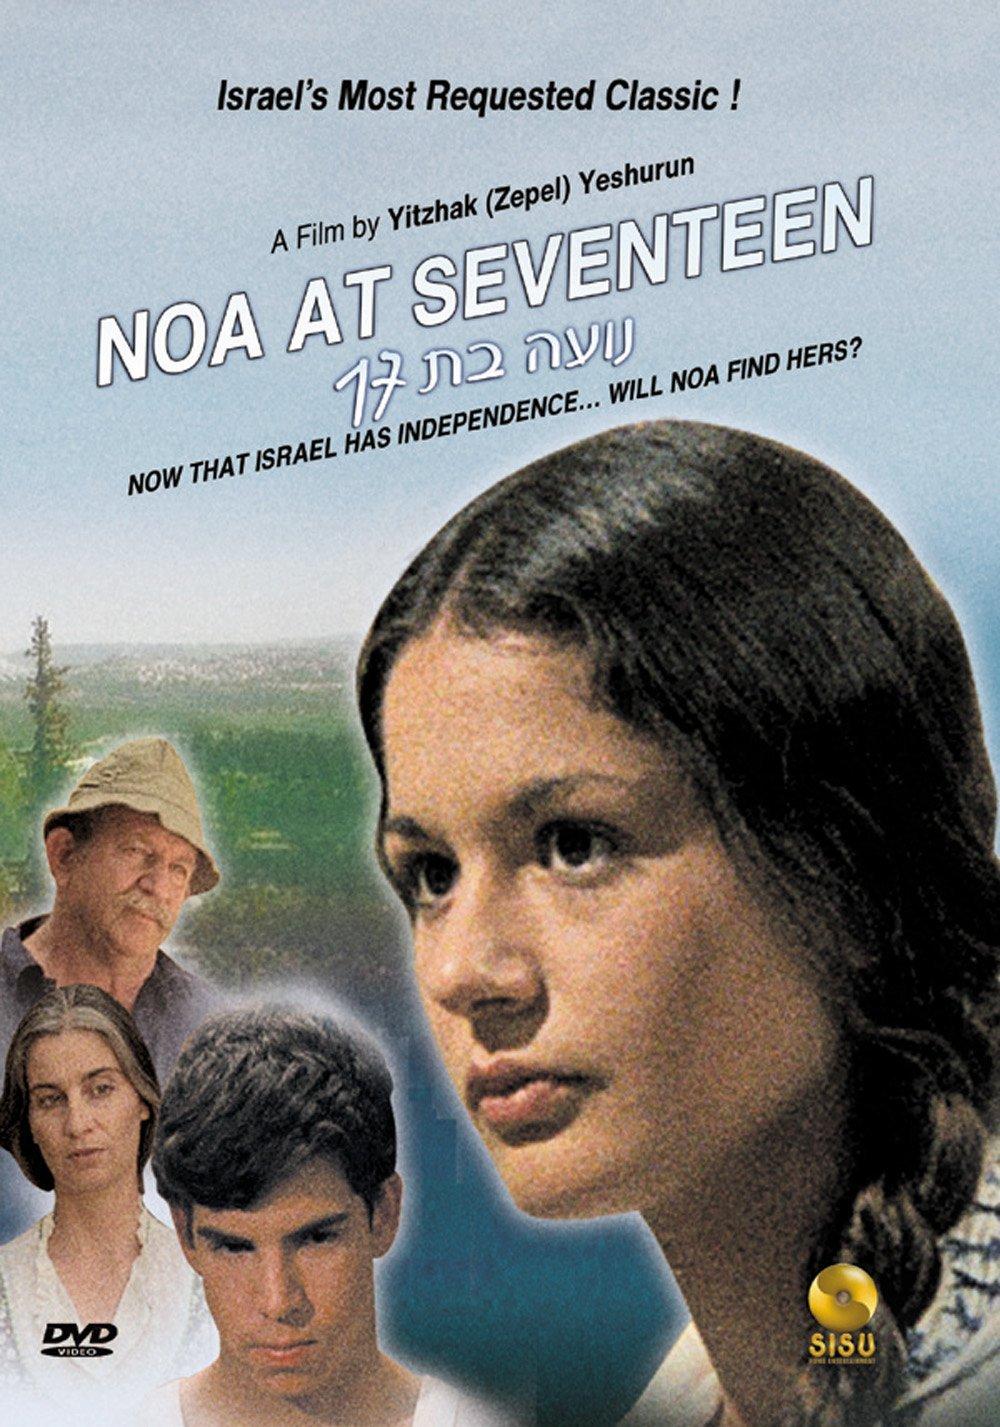 Noa Bat 17 (1982)